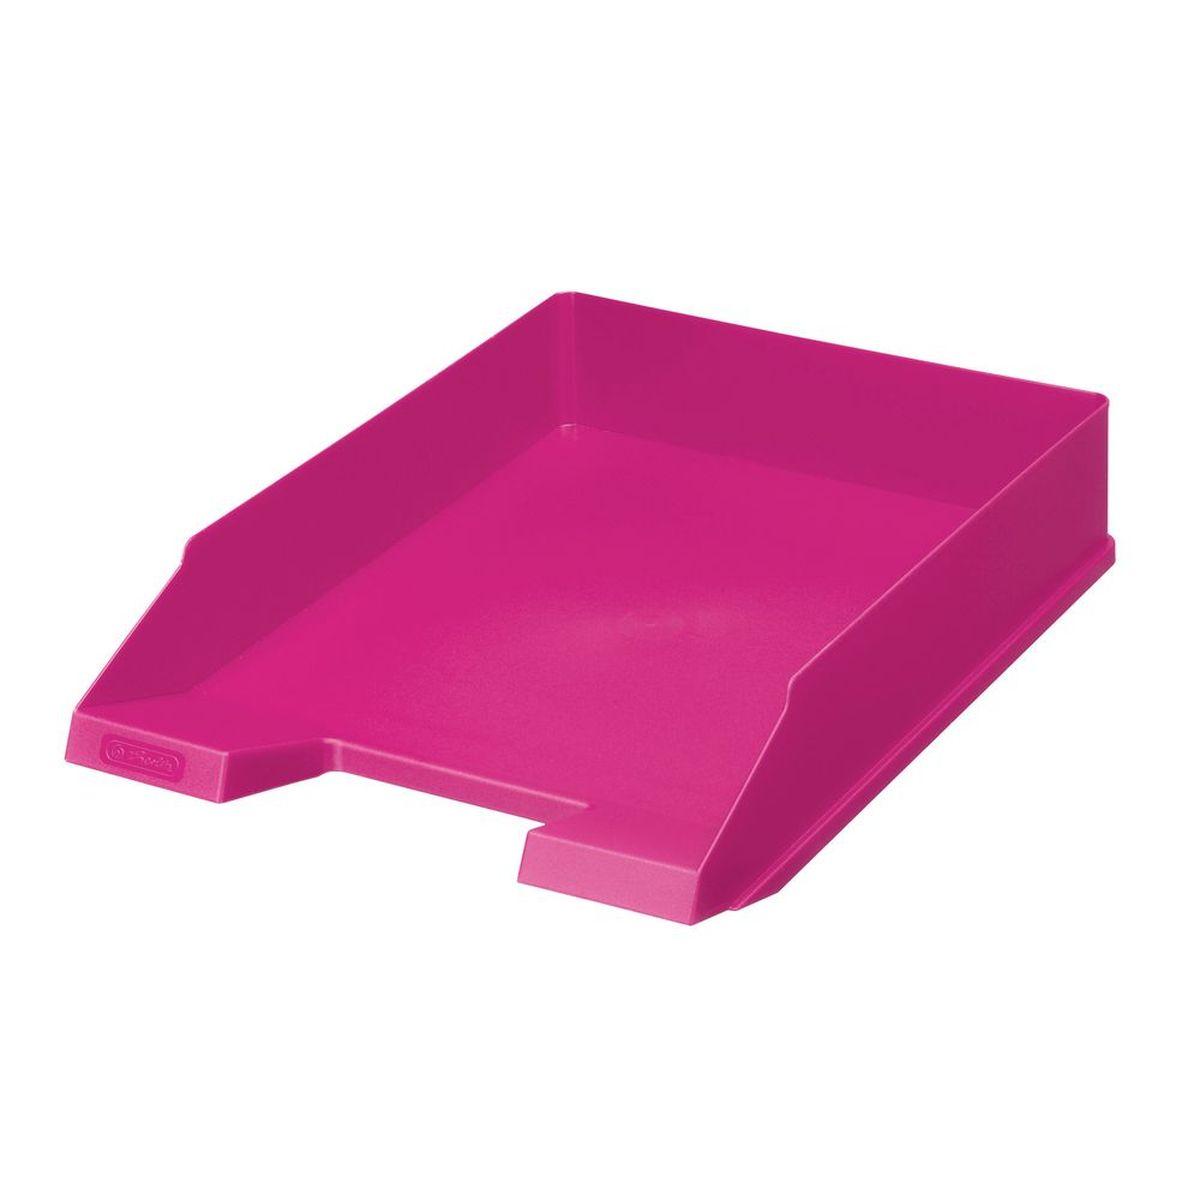 Herlitz Лоток для бумаг Colour Blocking цвет розовыйHA1611/641Практичный лоток для бумаг Herlitz Colour Blocking всегда поможет вам избавиться от лишних документов и содержать порядок на рабочем столе. Лоток изготовлен из пластика и находится всегда в горизонтальном положении, тем самым обеспечивая удобное хранение бумаг и документов. Он значительно облегчает делопроизводство. Яркий дизайн сделает его достойным аксессуаром среди ваших канцелярских принадлежностей и подарит вам хорошее настроение.Формат A4